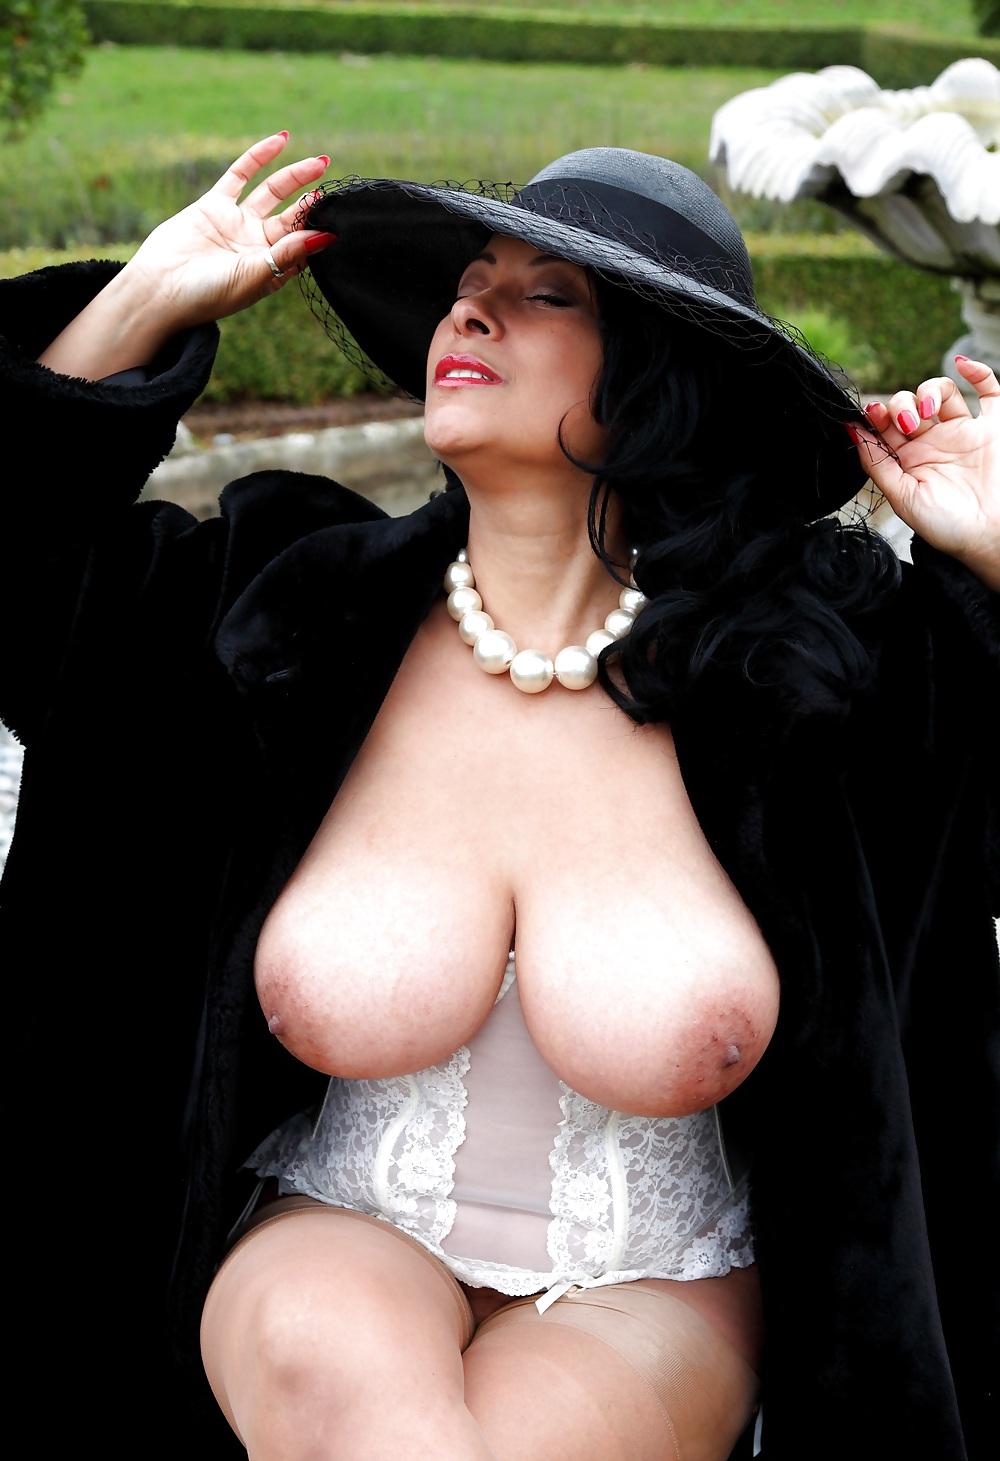 фотки зрелых дам сиськи - 1